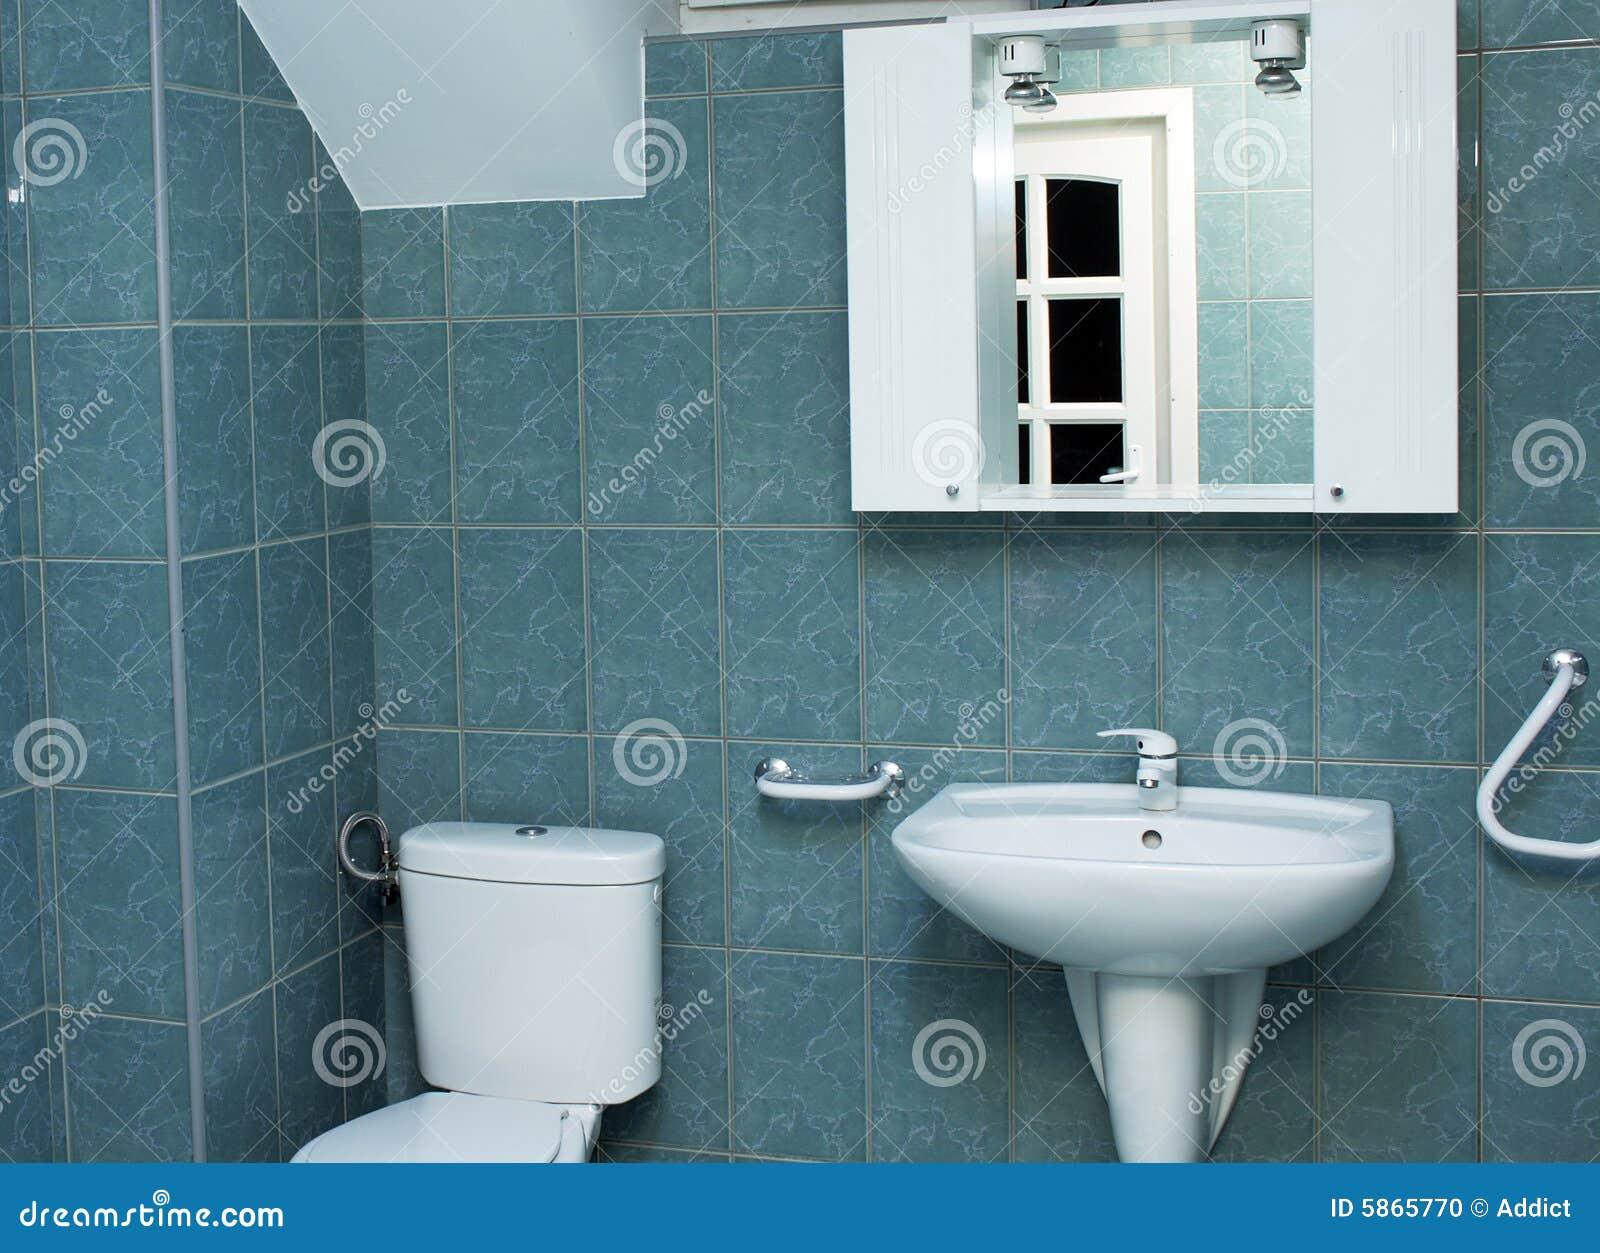 Moderne Badkamers Met Groene Tegels Stock Foto   Beeld  5865770